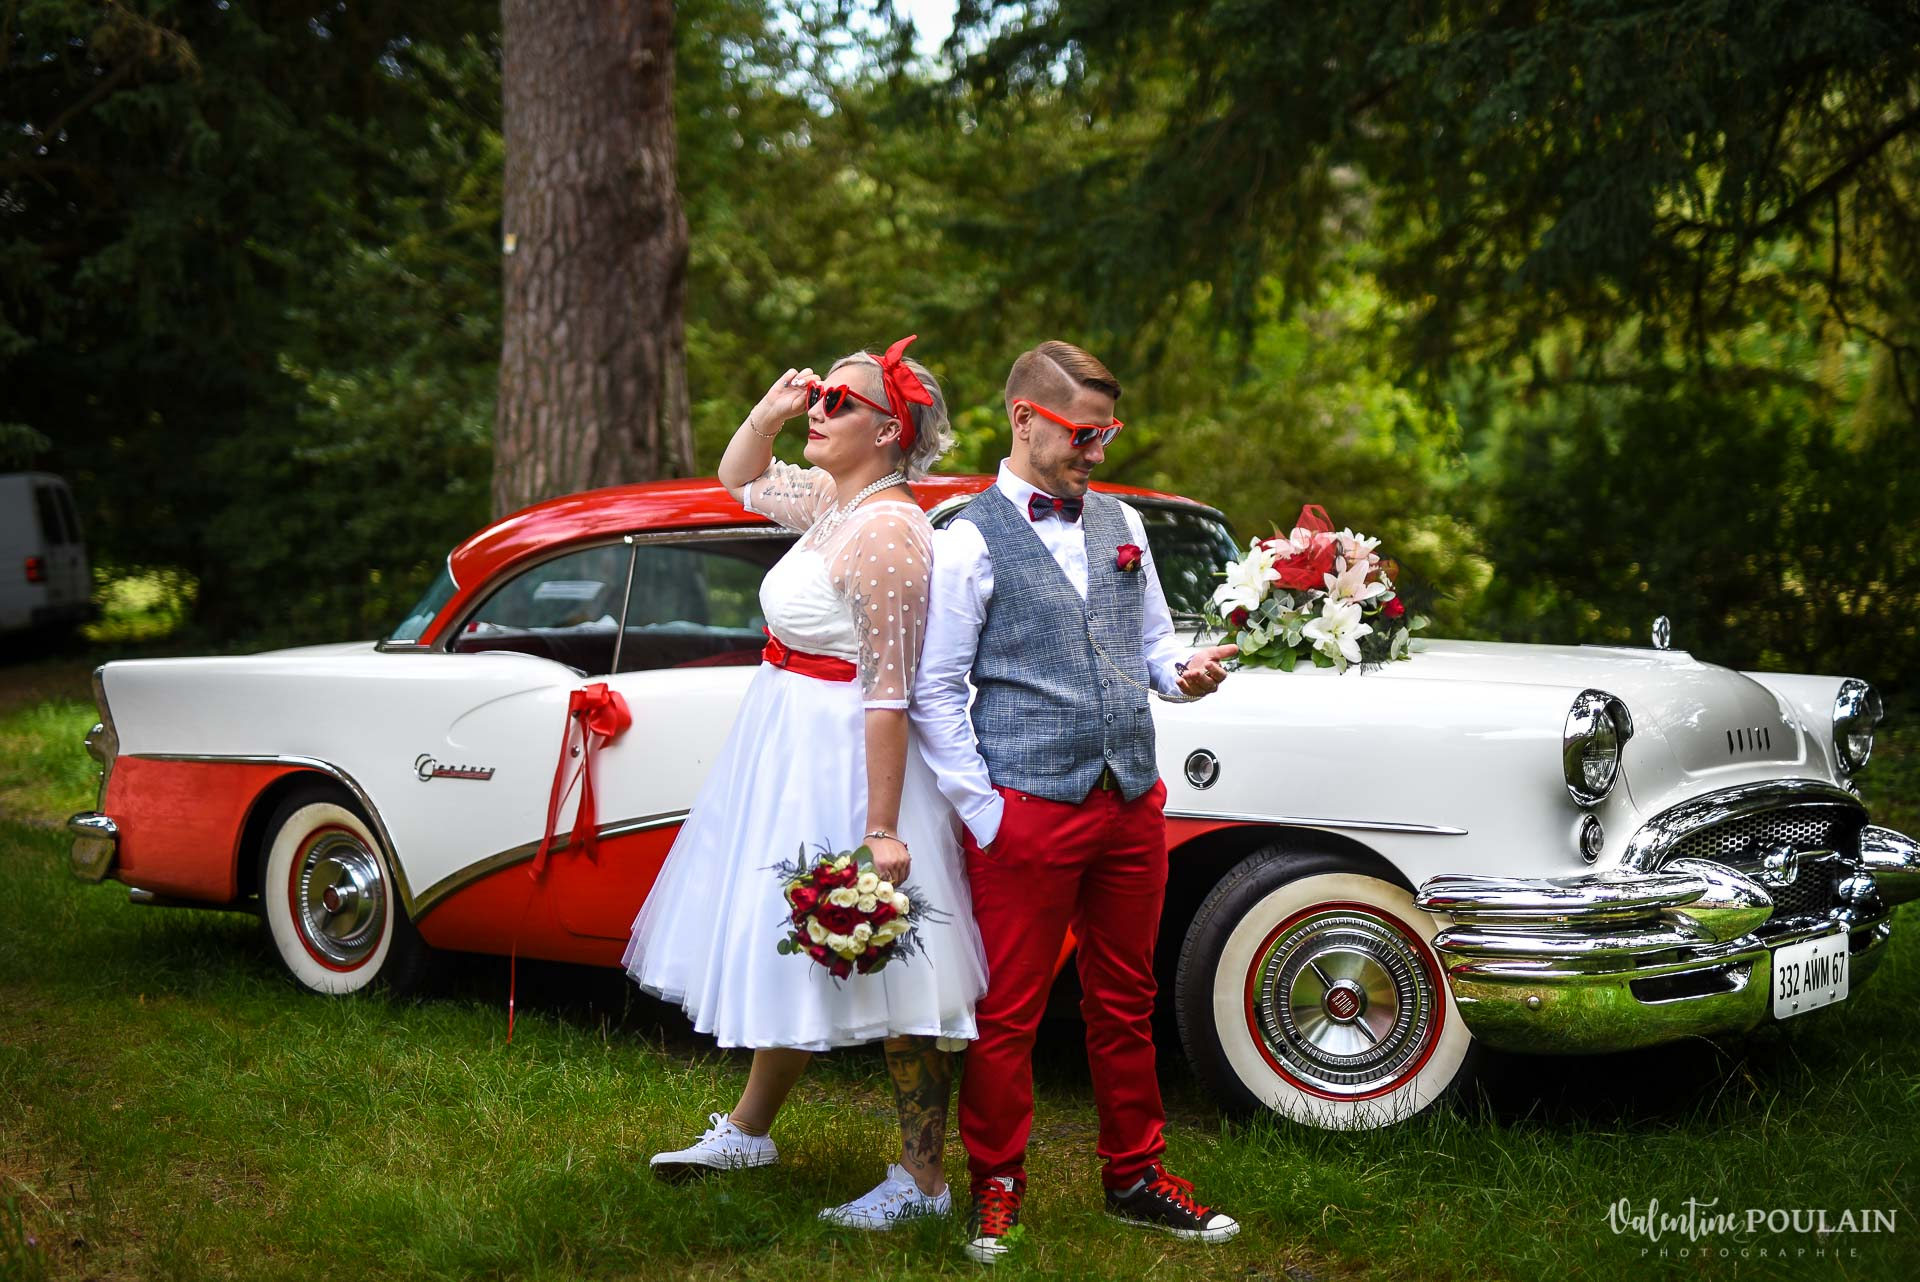 Mariage vintage rockabilly - Valentine Poulain dos à dos